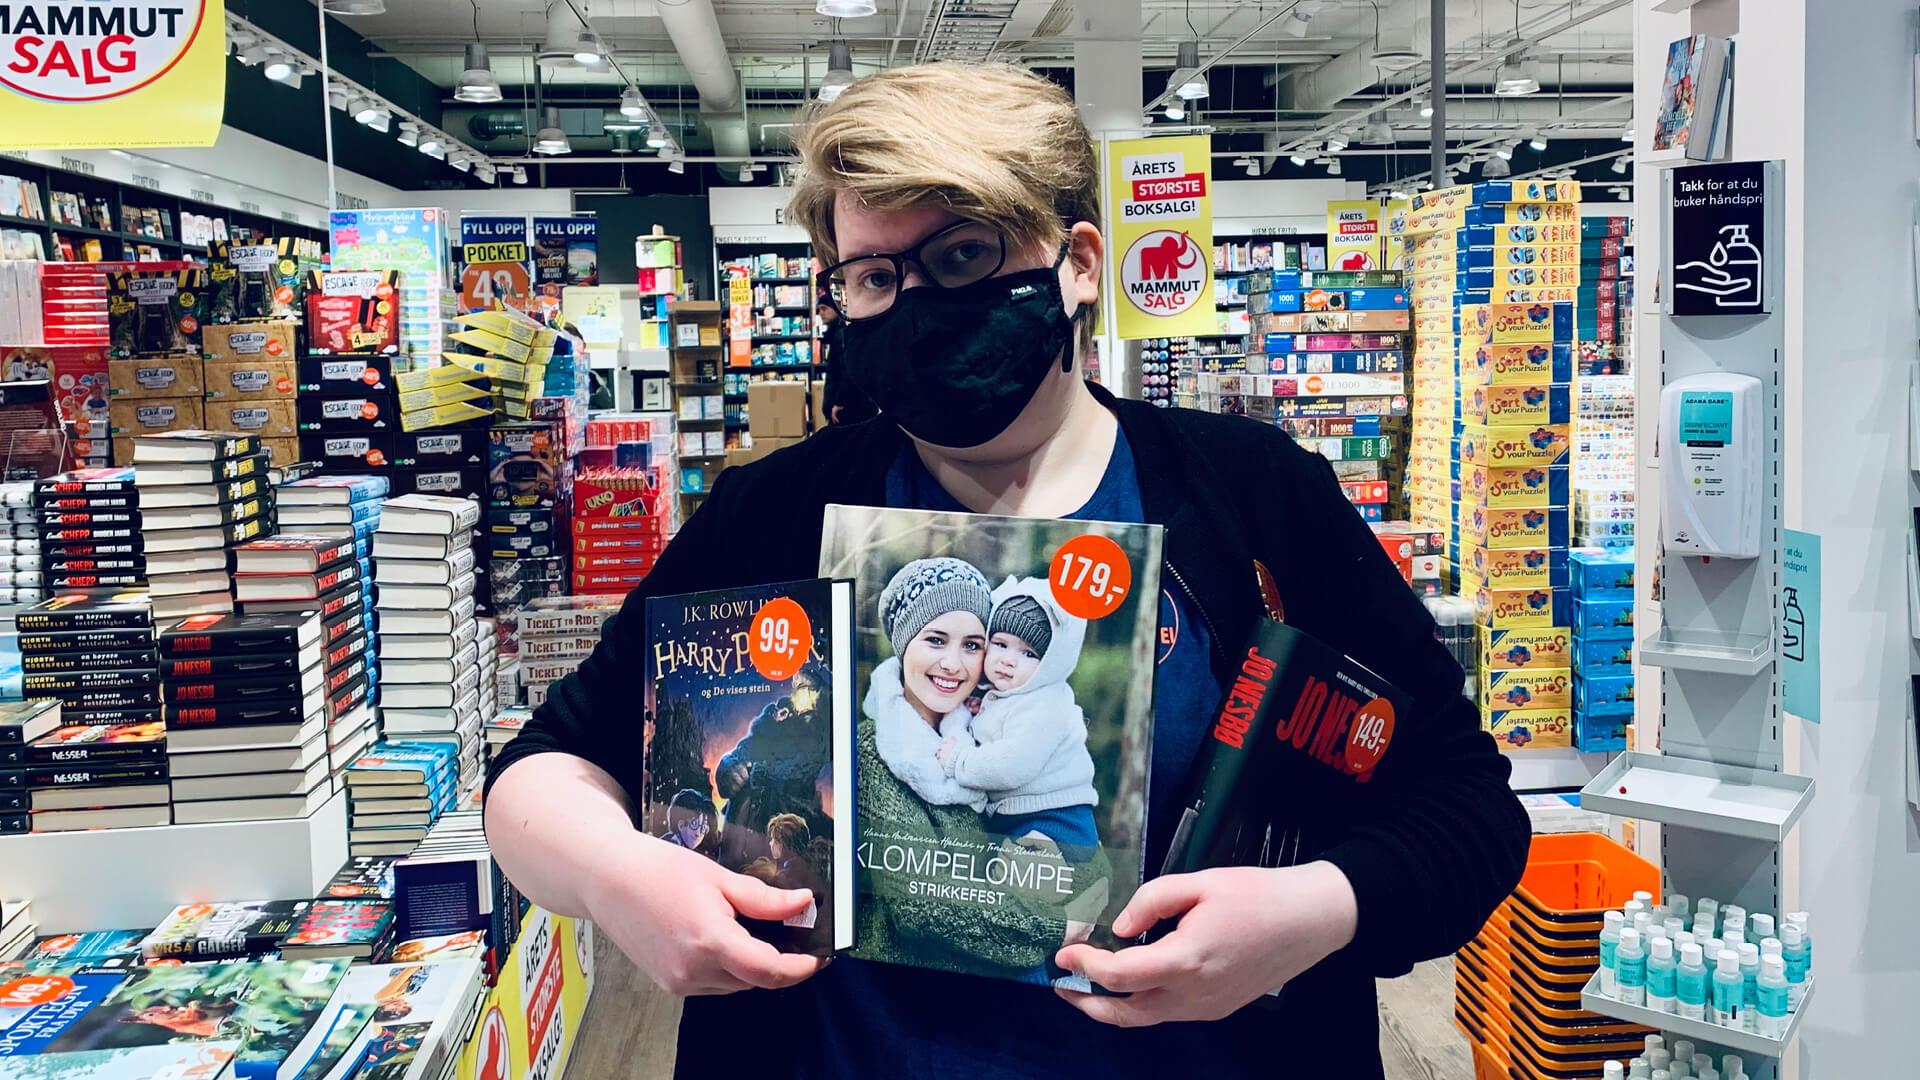 Bilde av ARK ansatt som holder tre bokanbefalinger